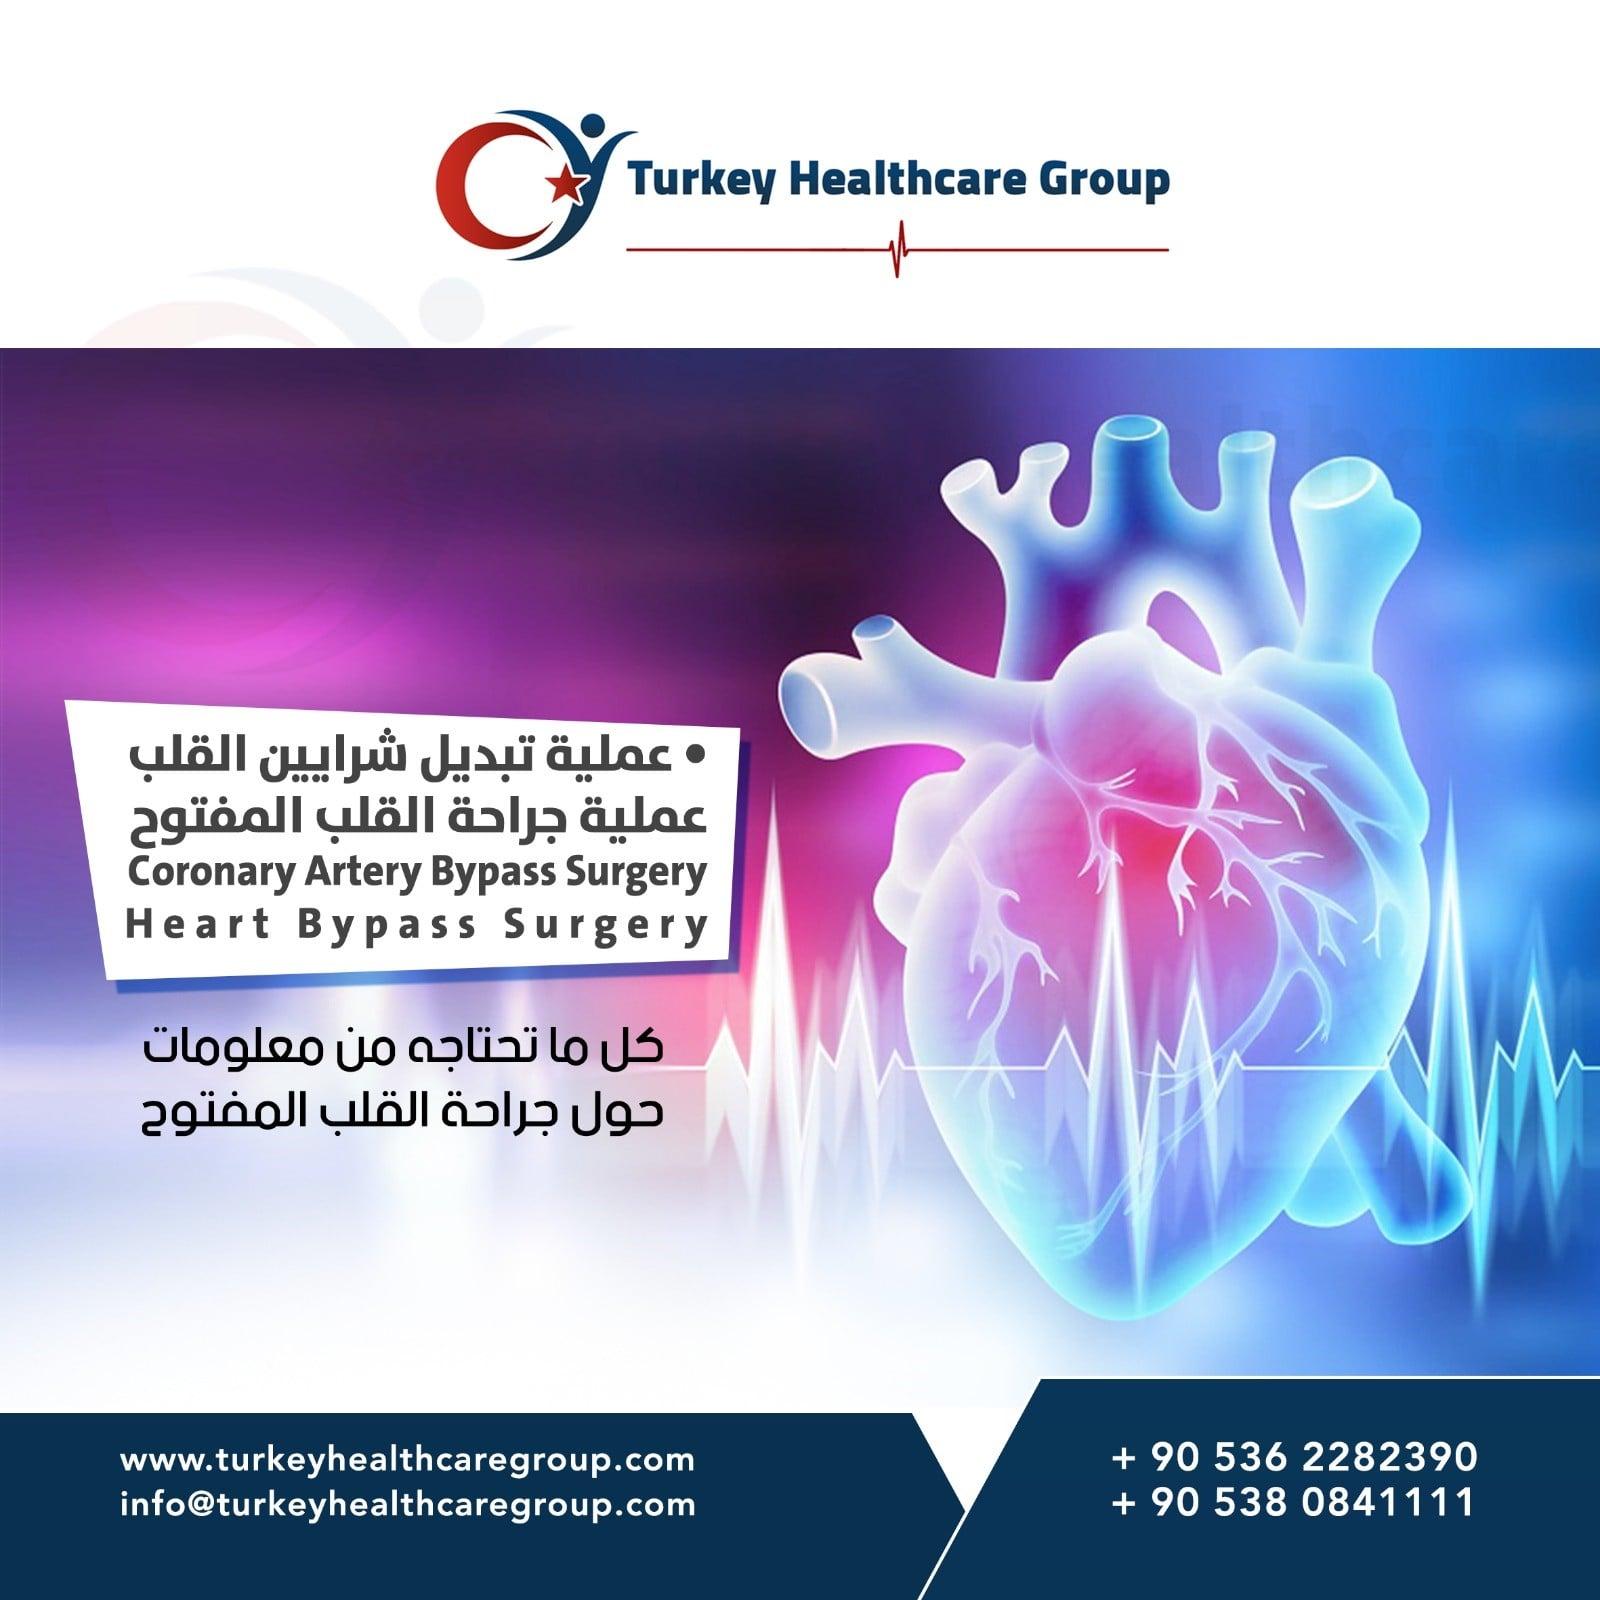 عملية جراحة القلب المفتوح في تركيا